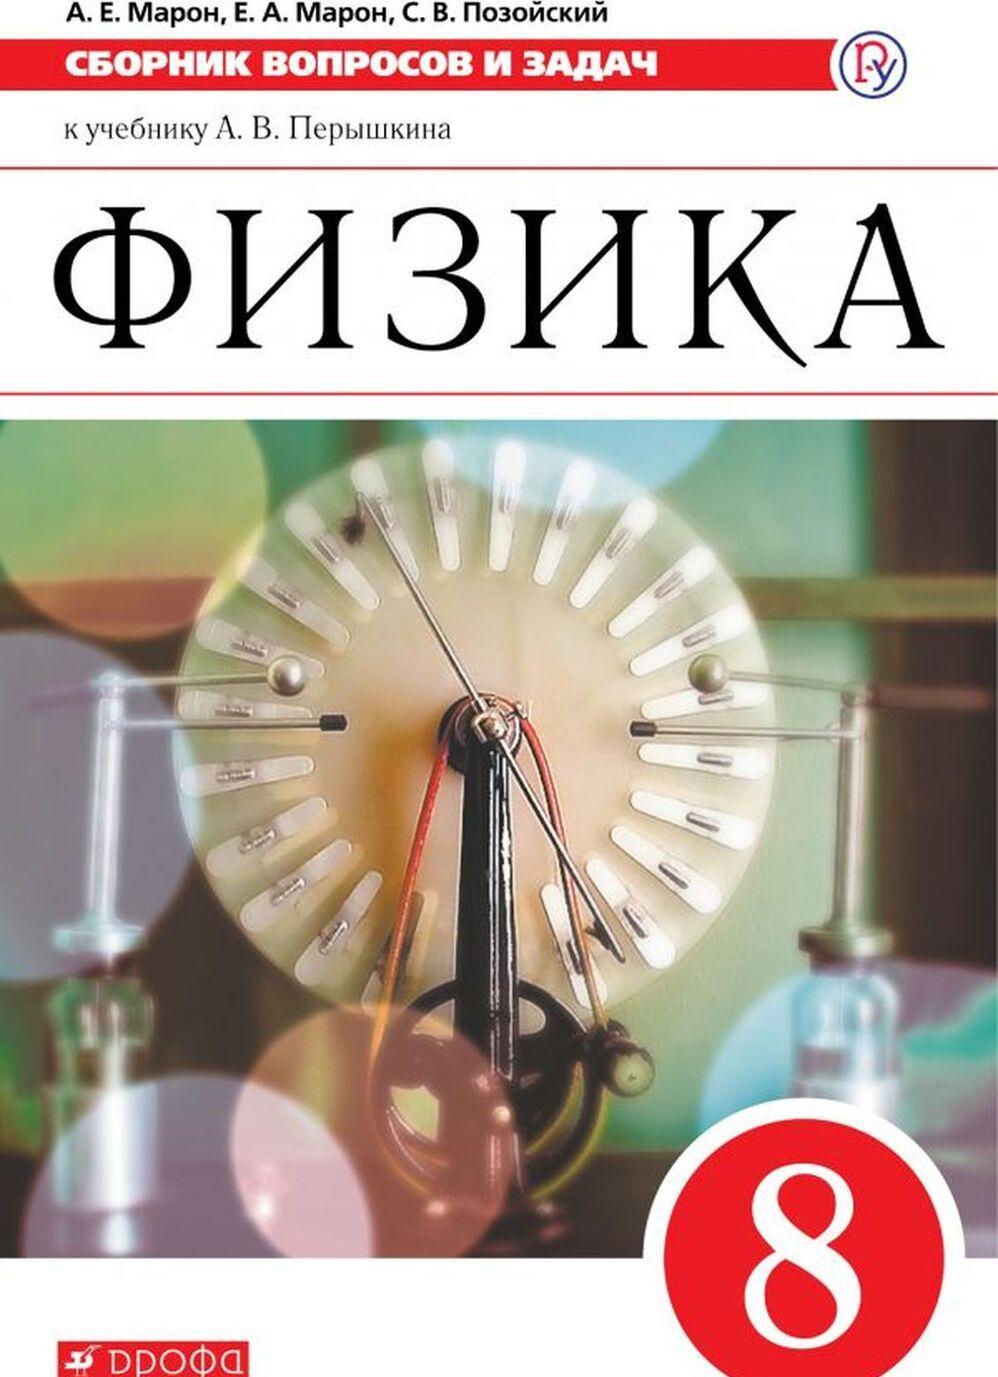 Fizika. 8 klass. Sbornik voprosov i zadach k uchebniku A.V. Peryshkina